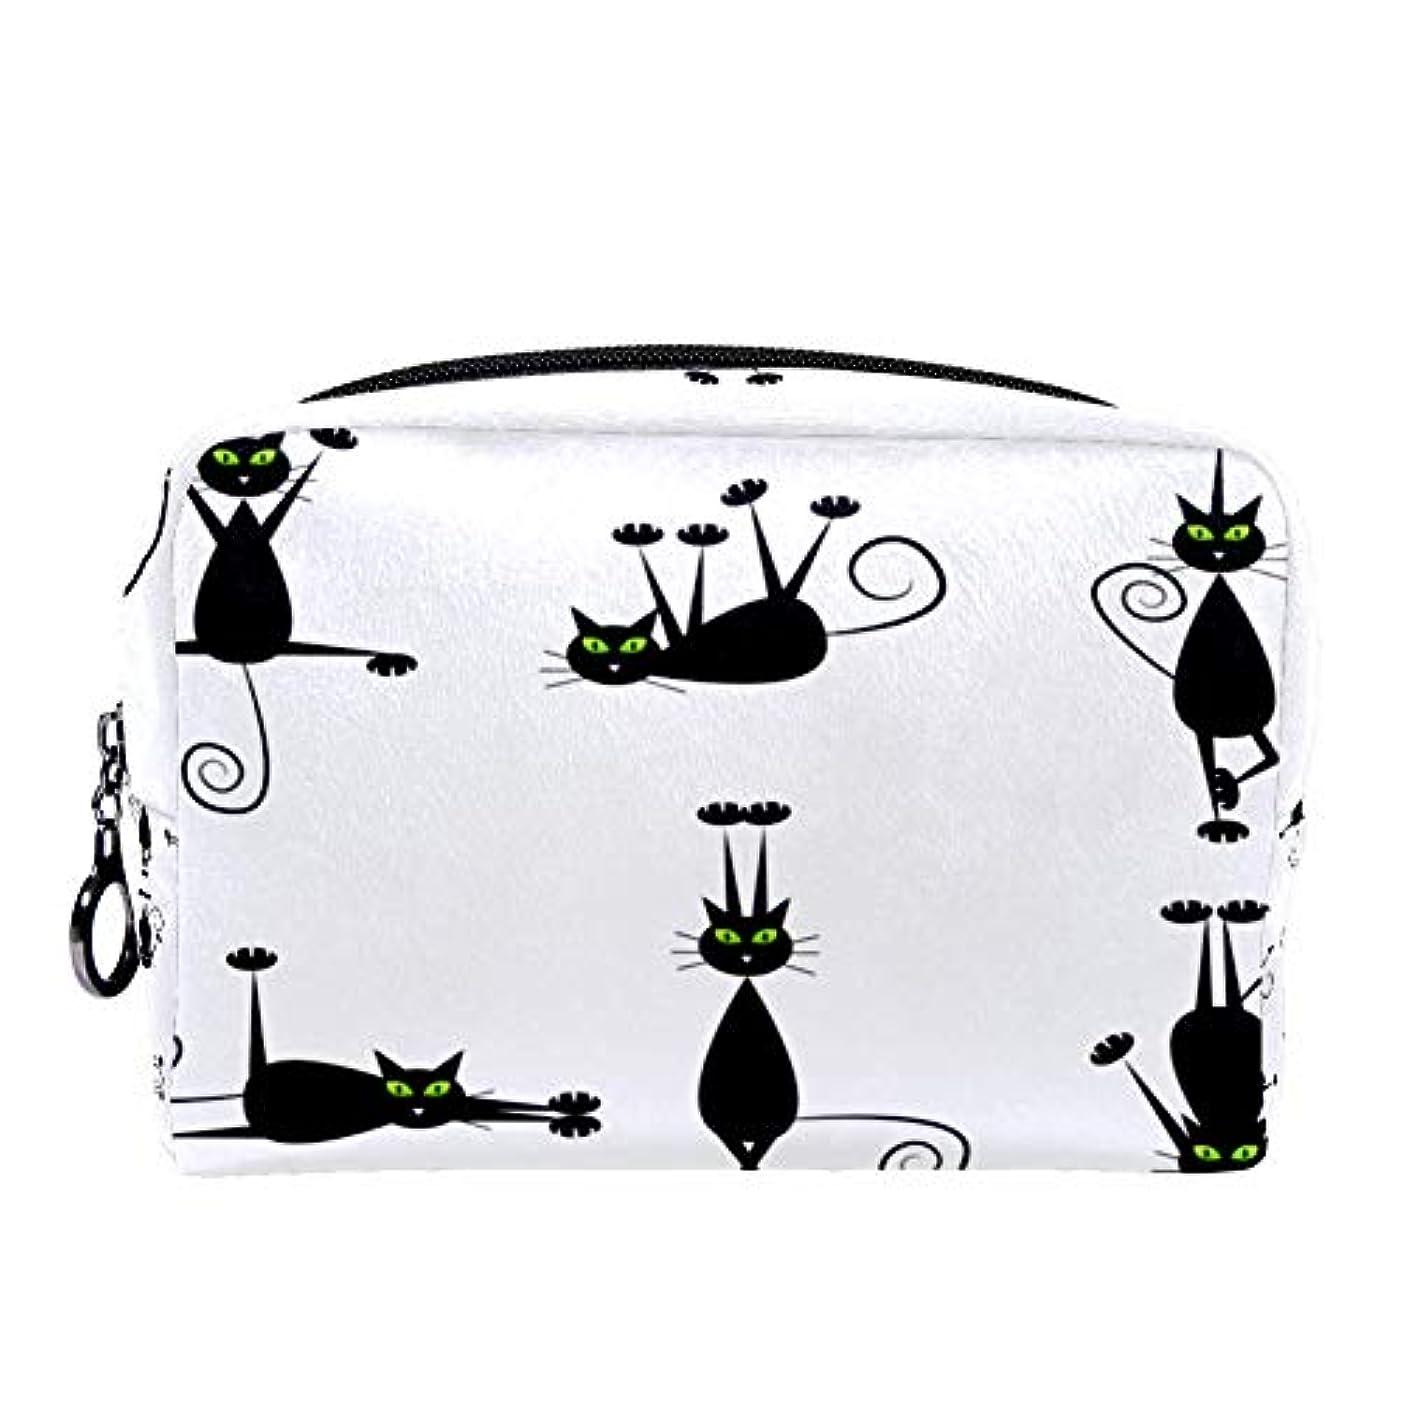 独立してニコチンクロニクルDragon Sword 化粧ポーチ レディース 黒い 猫柄 コスメポーチ メイクポーチ 柔らかい コンパクト 軽量 化粧品収納 小物ポーチ出張 旅行 持ち運び便利